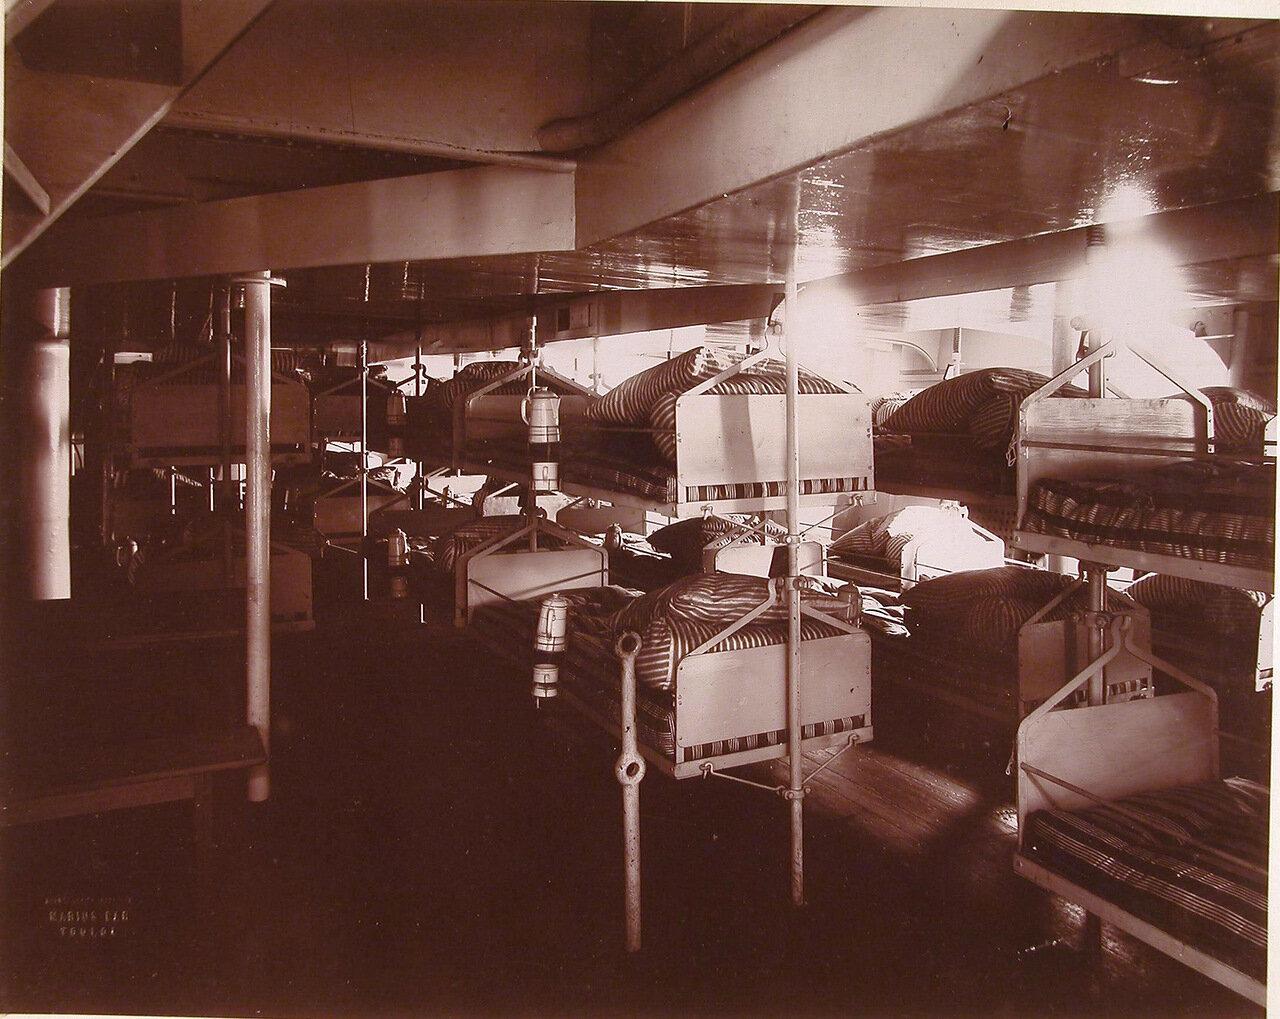 18. Вид части одной из палат плавучего госпиталя Орёл, оборудованных кроватями типа принятого на судовых лазаретах Французского флота